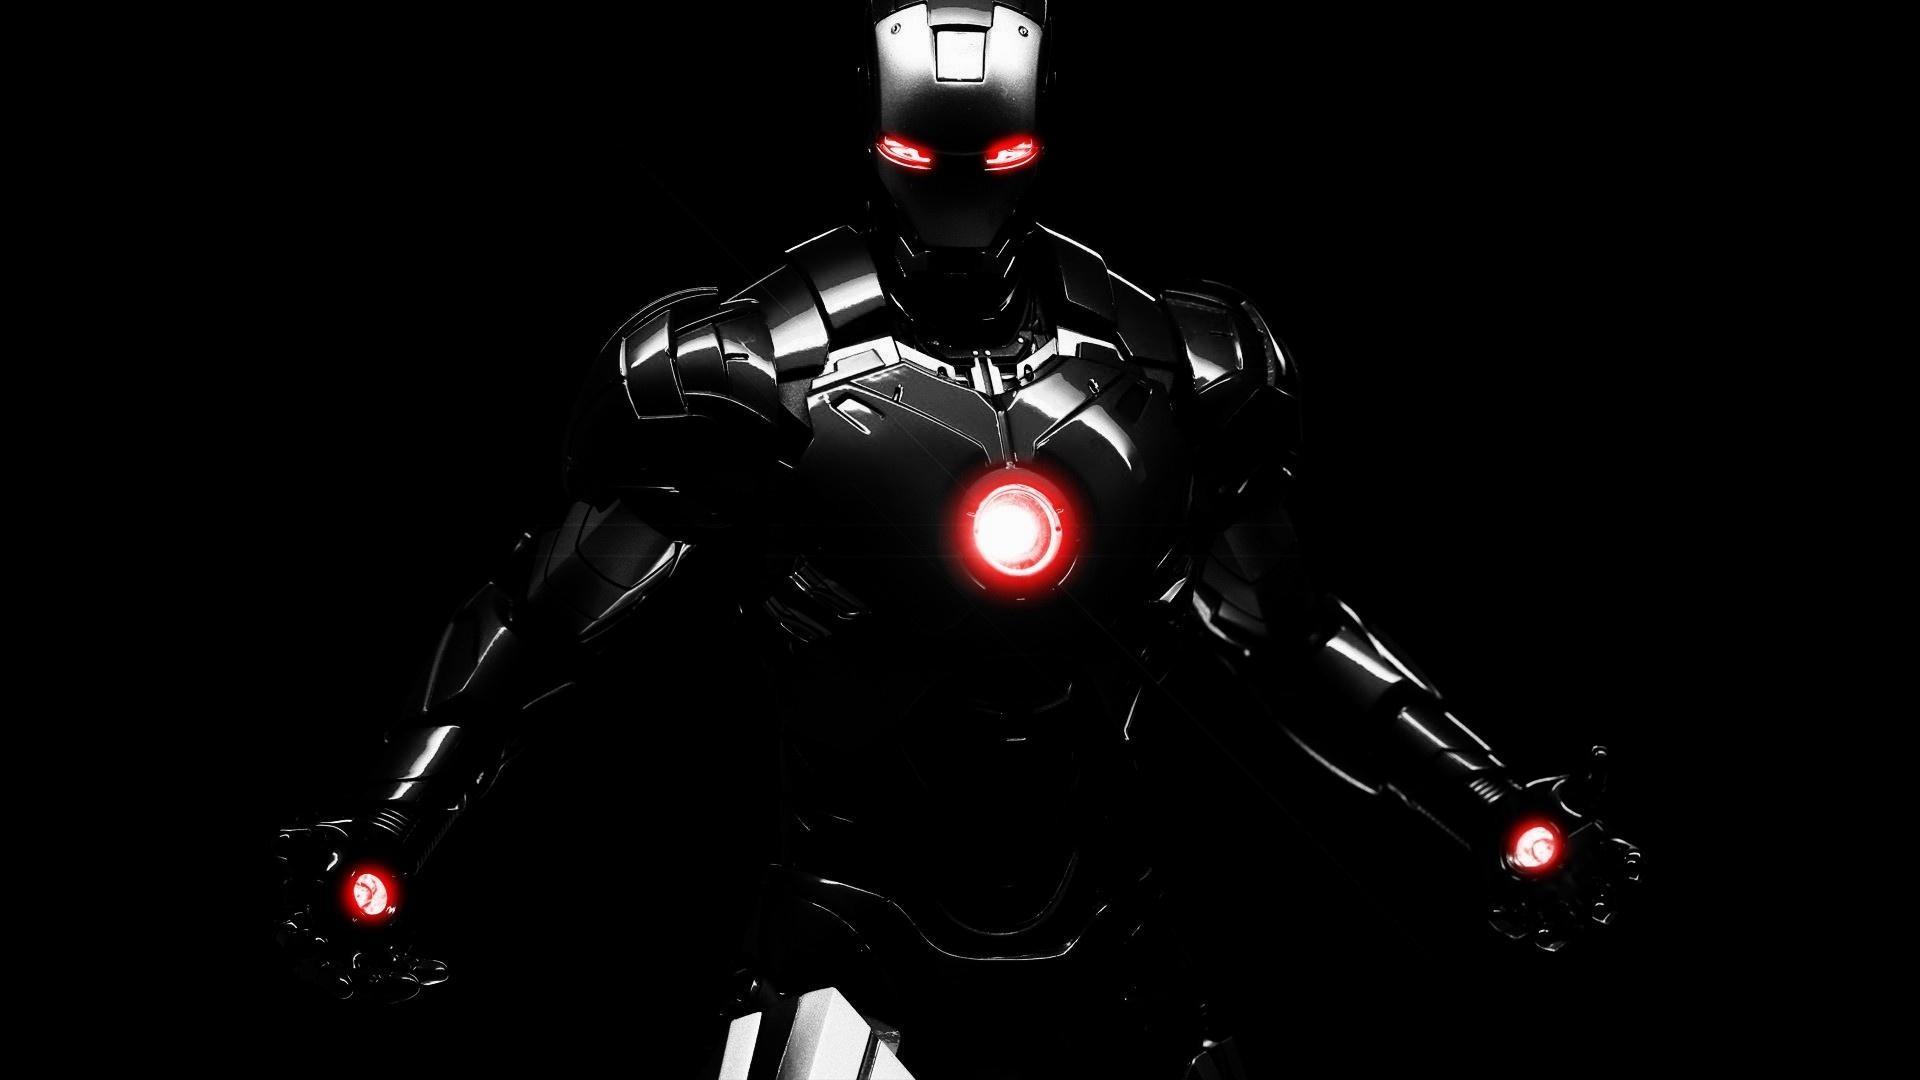 wallpaper.wiki-Dark-iron-man-images-1920×1080-PIC-WPD0011616